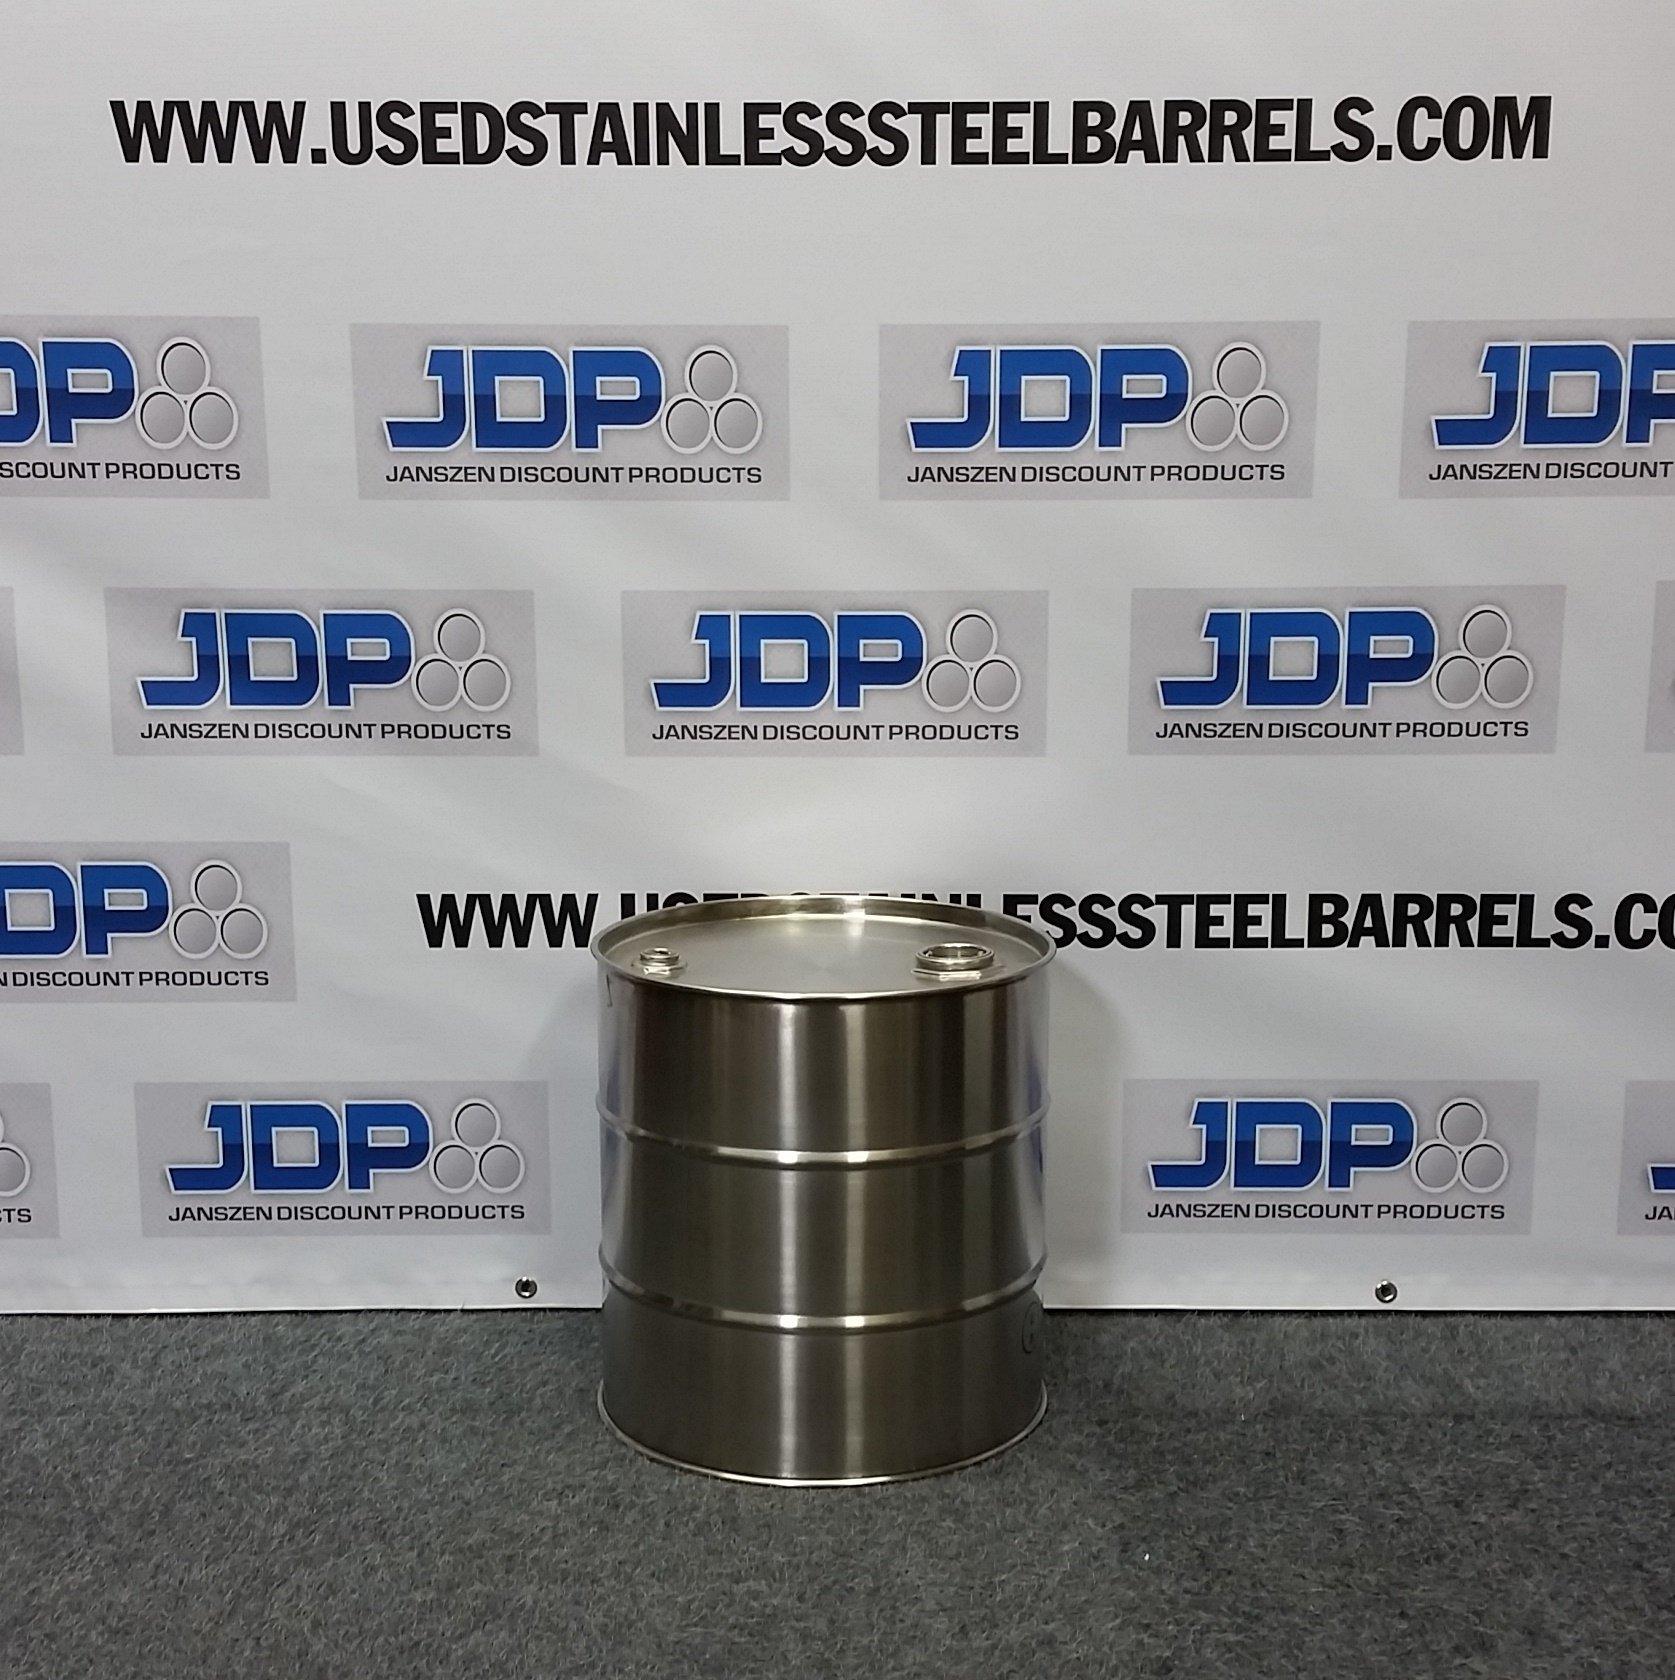 10 gallon barrel